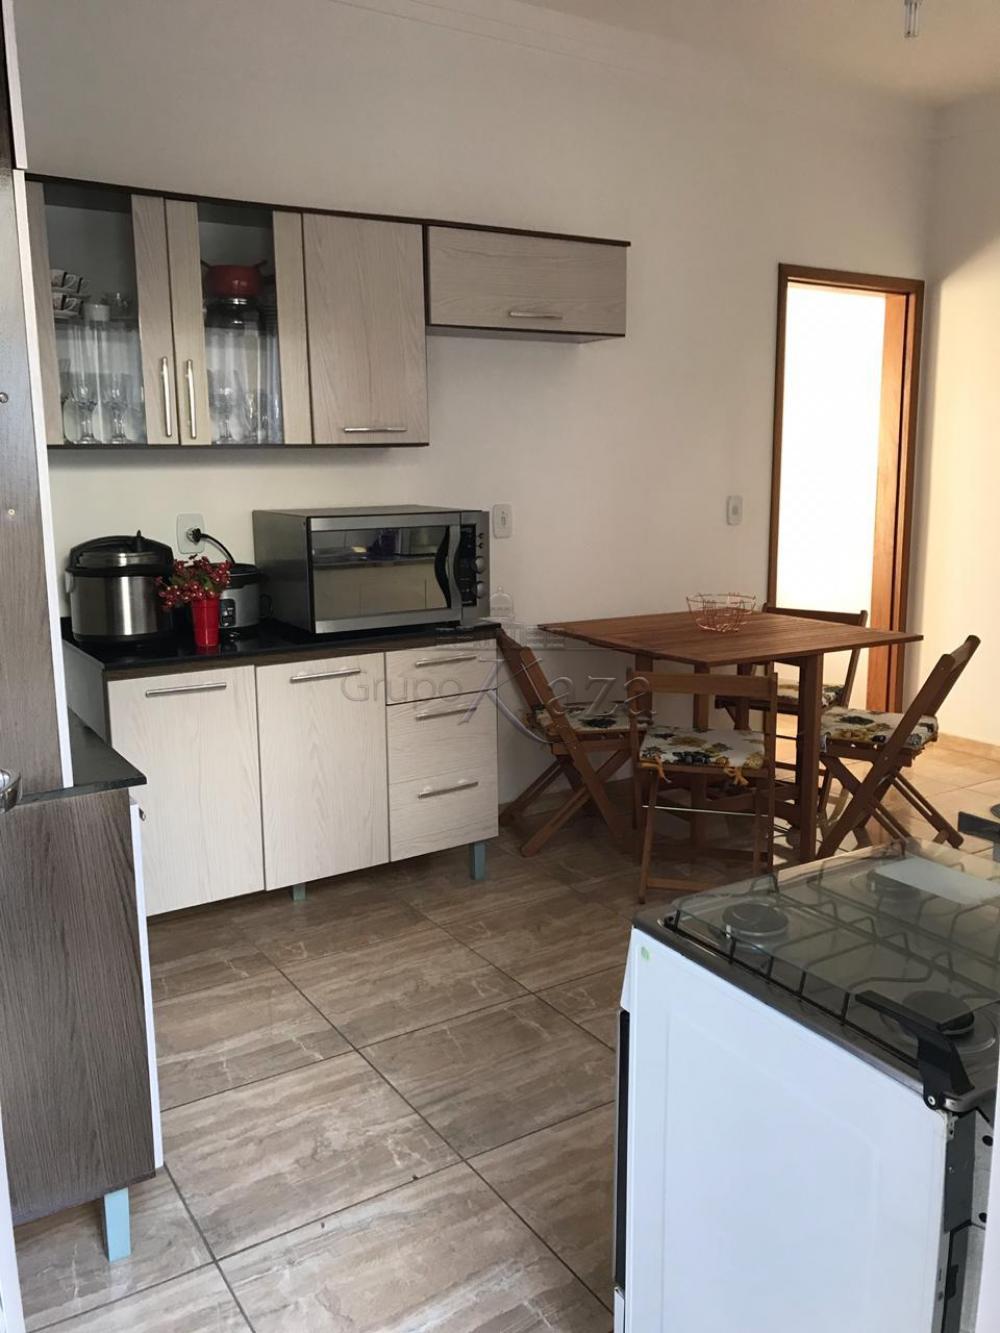 Comprar Casa / Térrea em Taubaté apenas R$ 250.000,00 - Foto 11